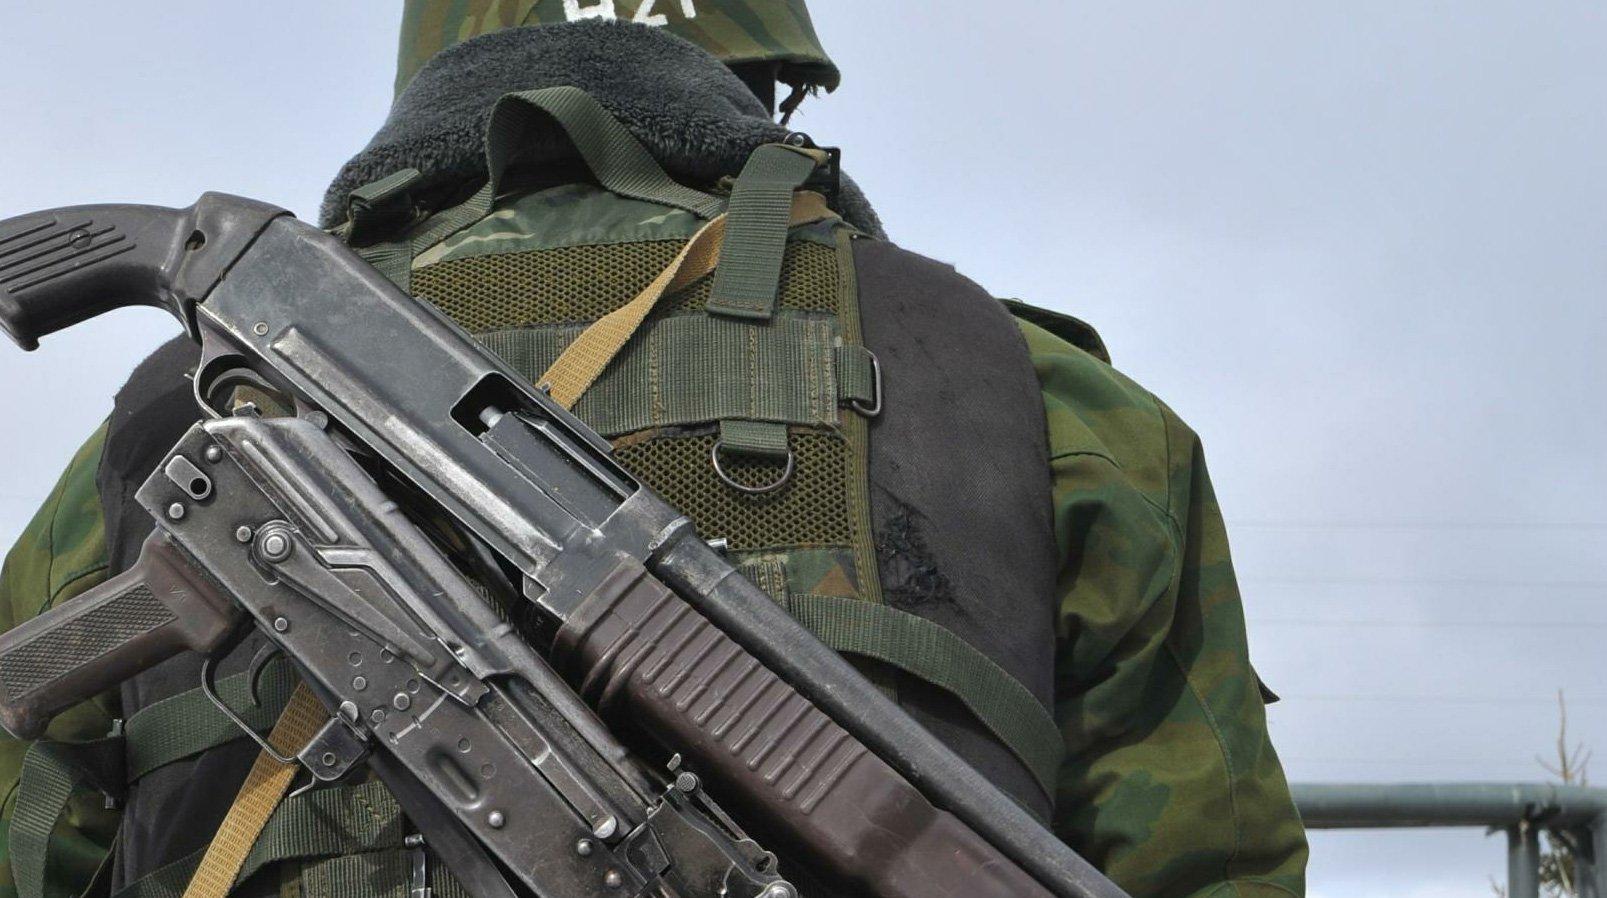 Сами себя перебьют: офицер расстрелял 4 сослуживцев в воинской части в Чечне